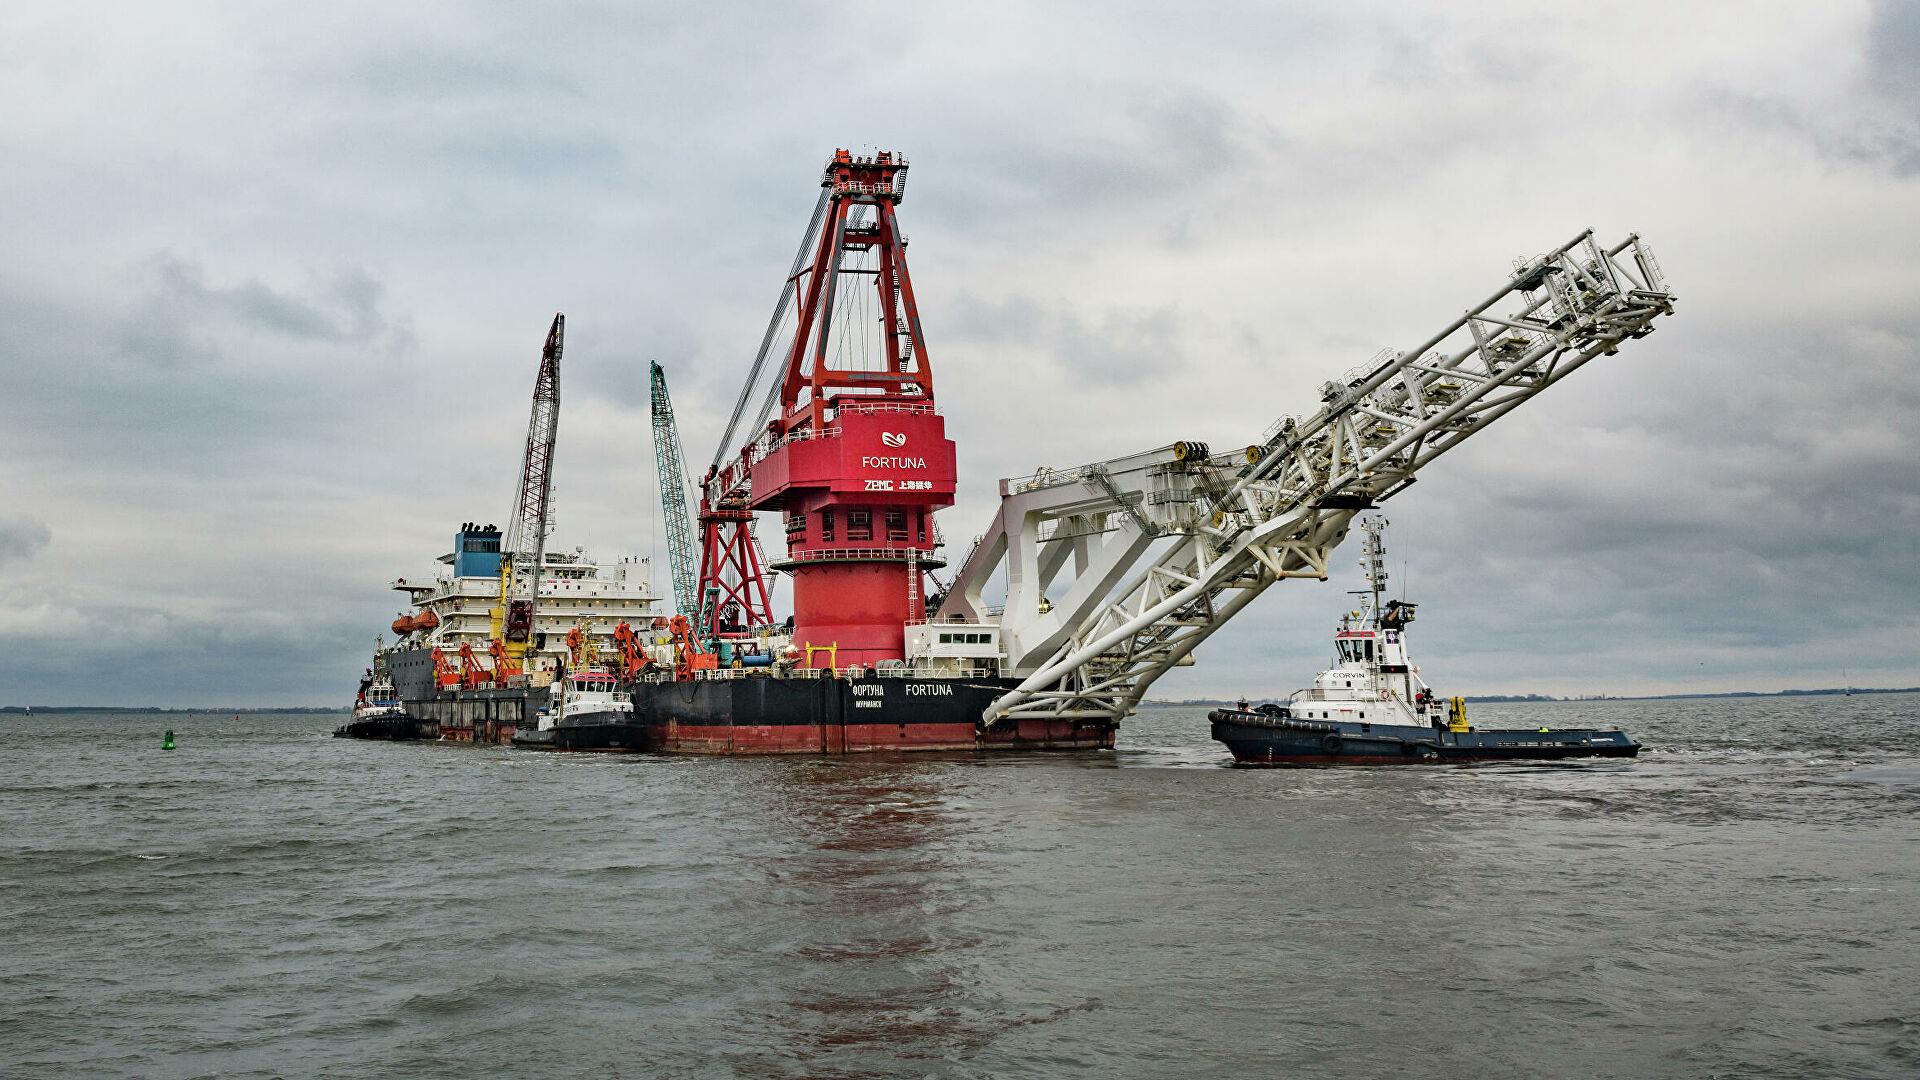 """Brod """"Fortuna"""" započeo rad na nastavku izgradnje gasovoda """"Severni tok 2"""" u vodama Danske"""